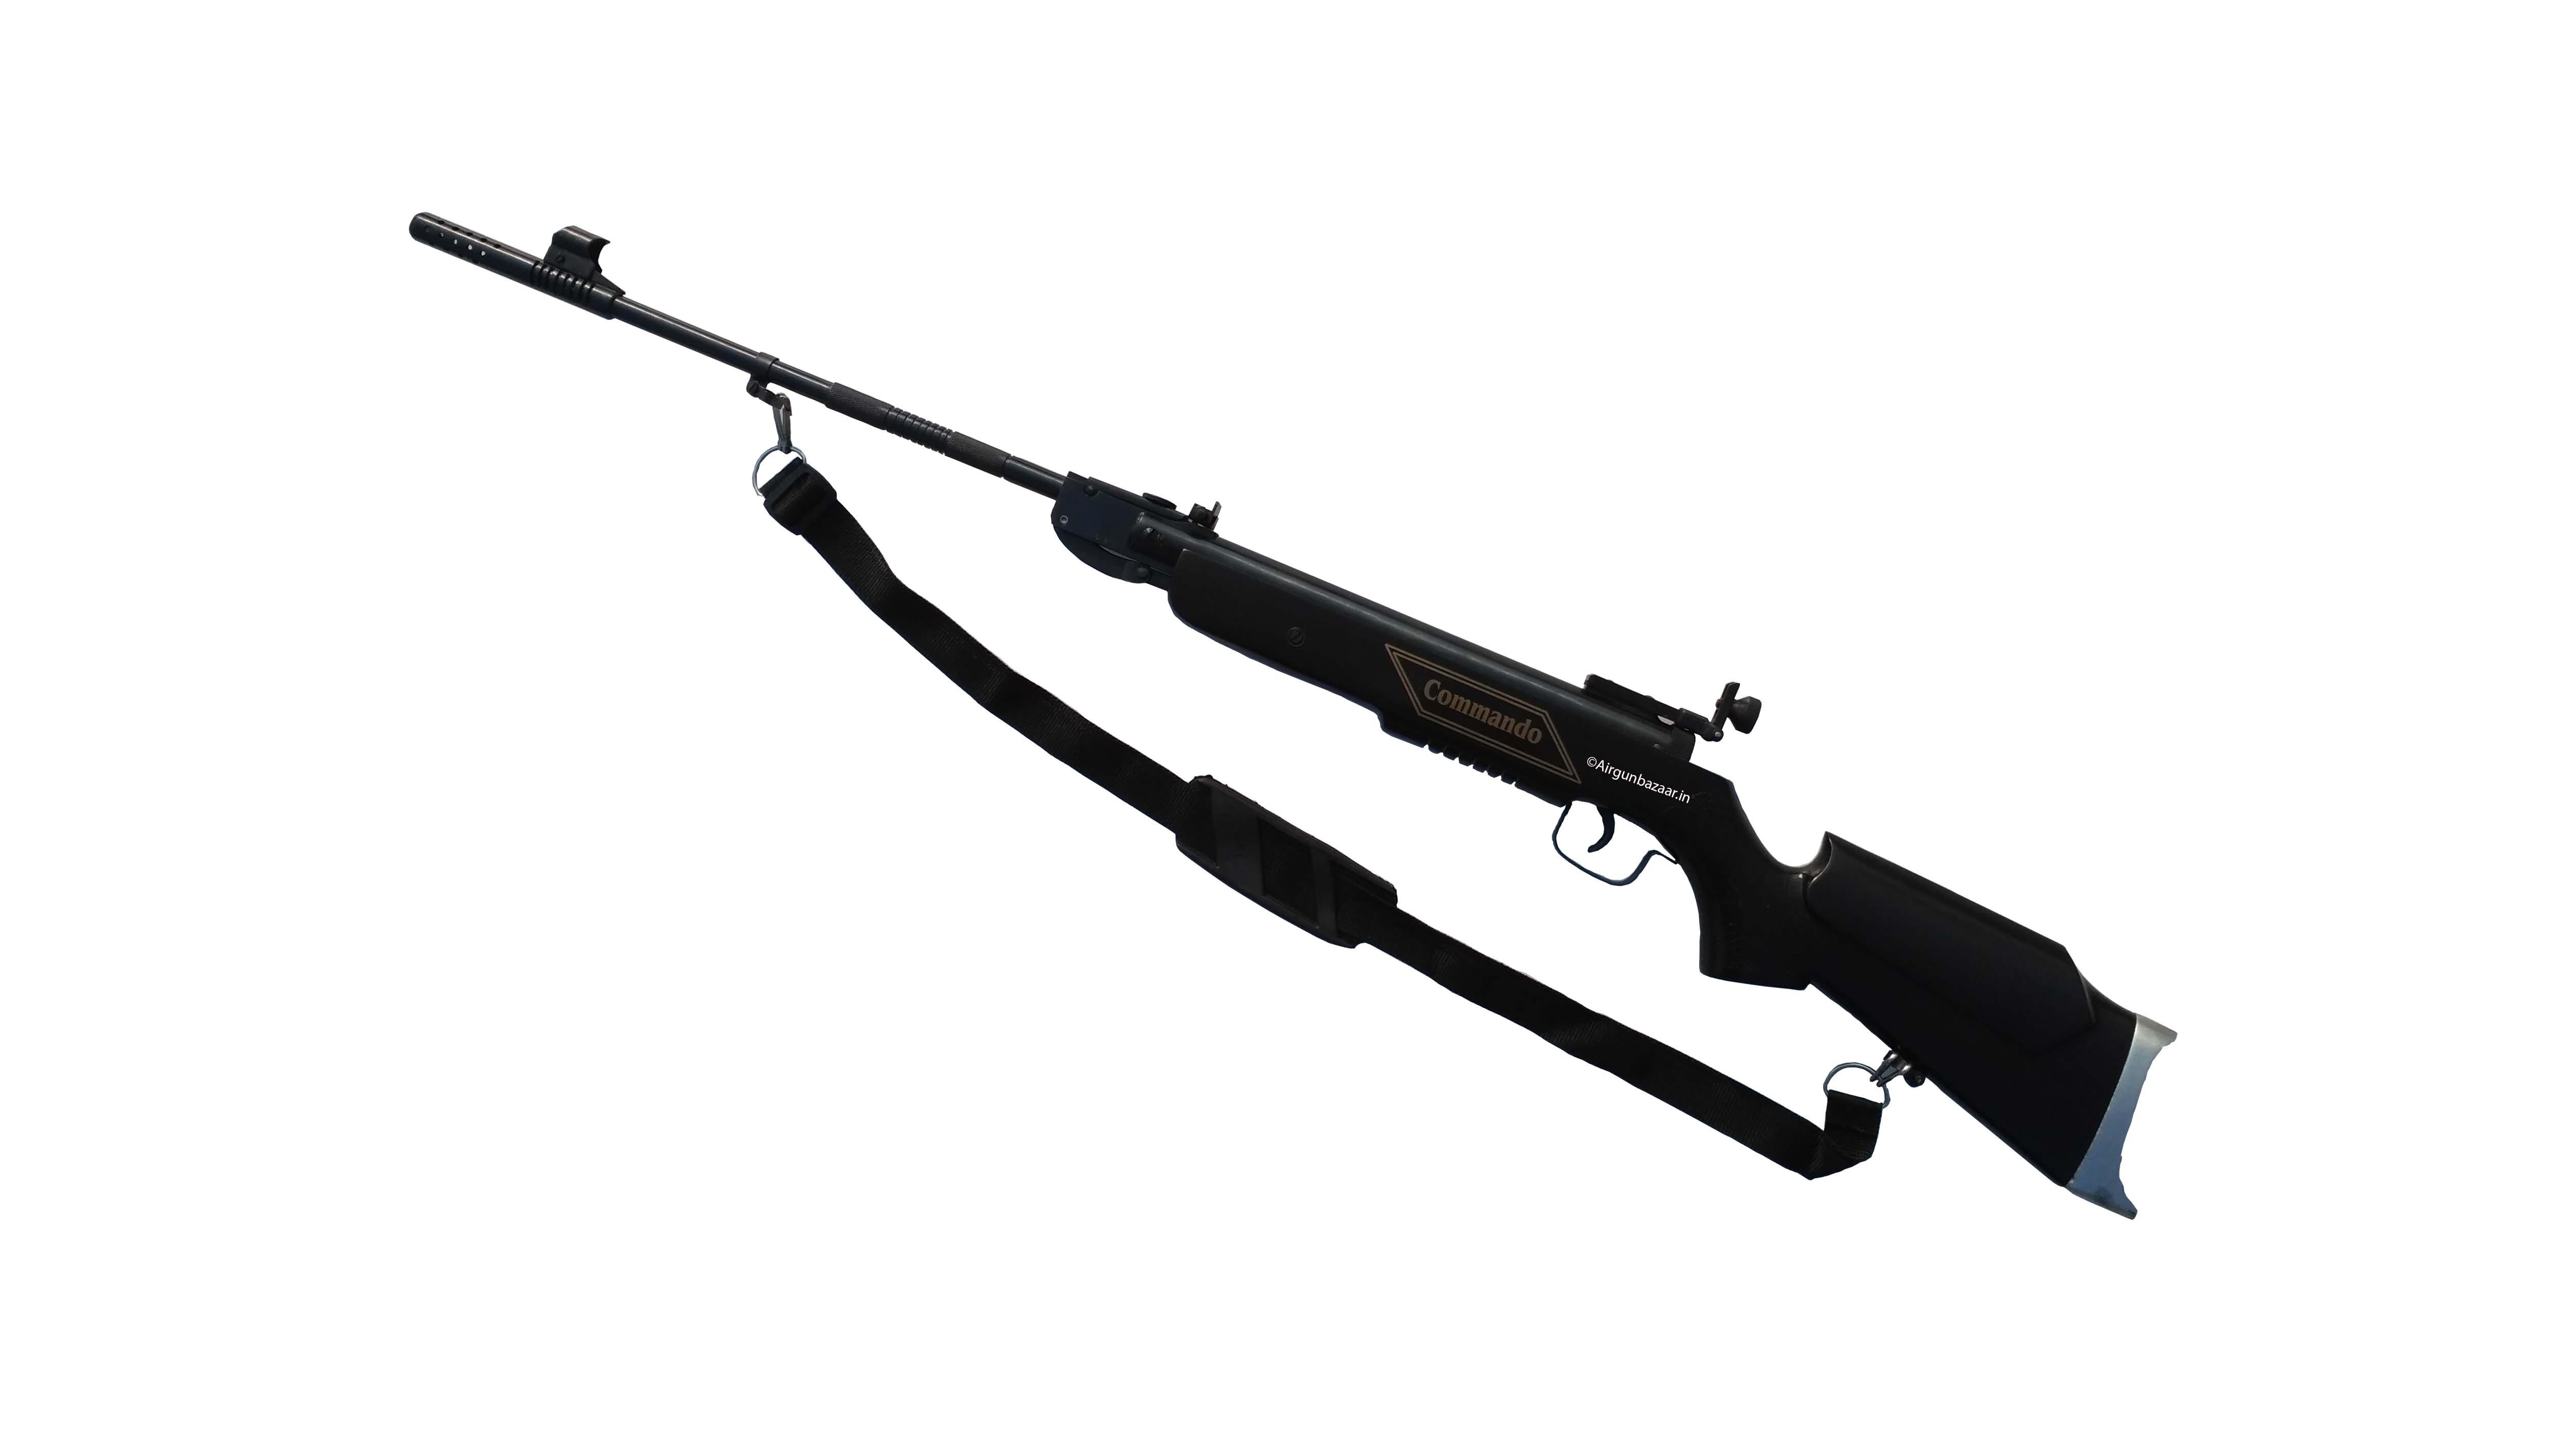 Commando Air Rifle